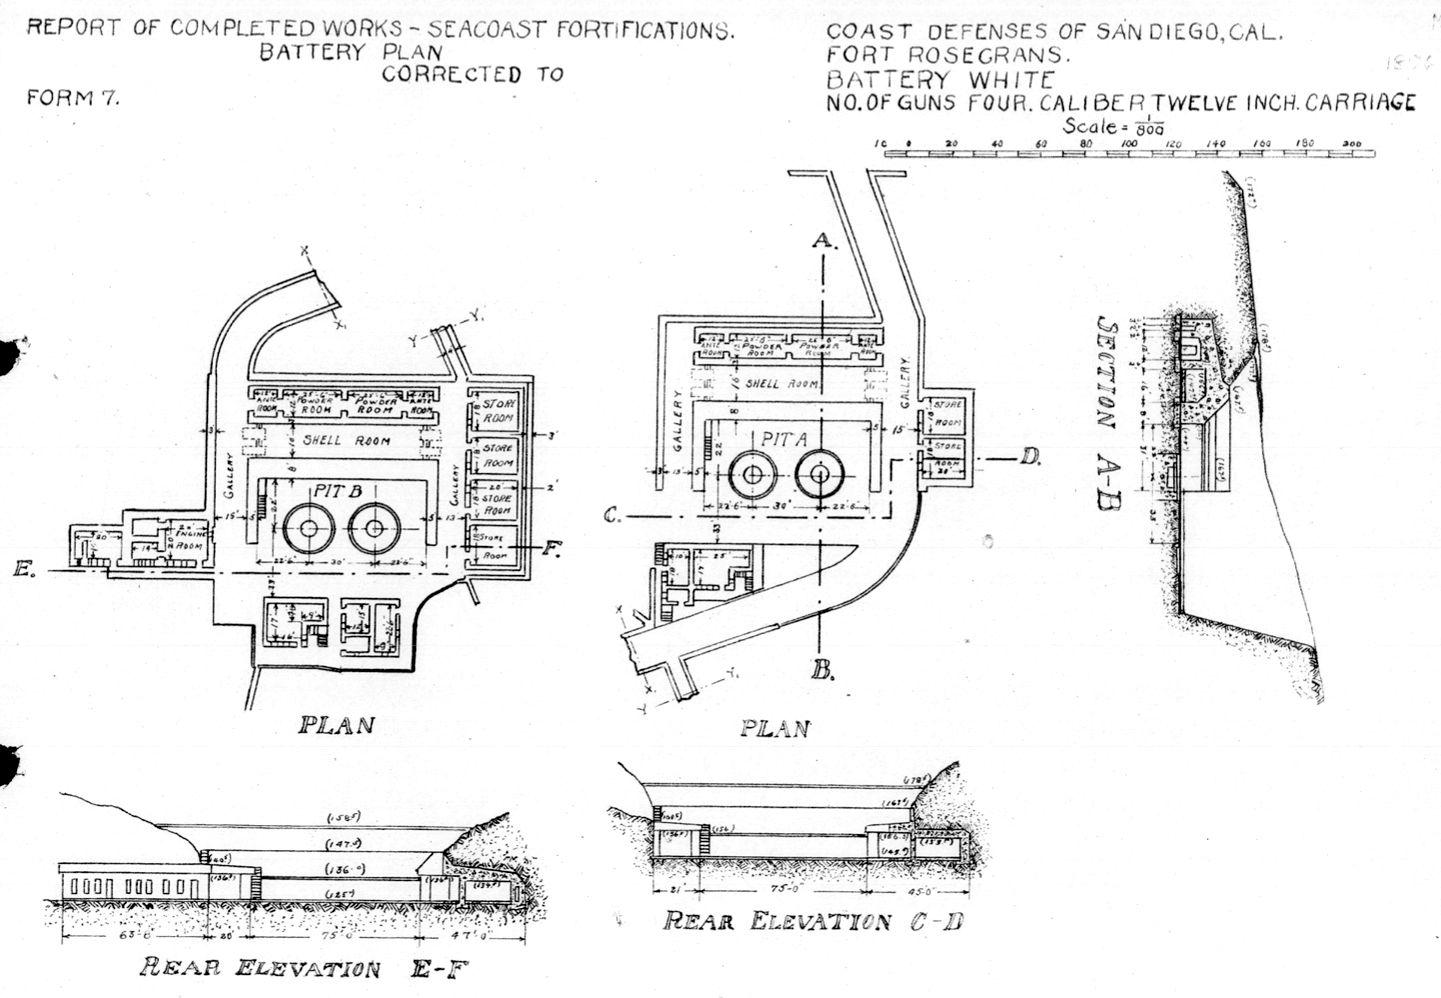 Fort Rosecrans: Battery John White